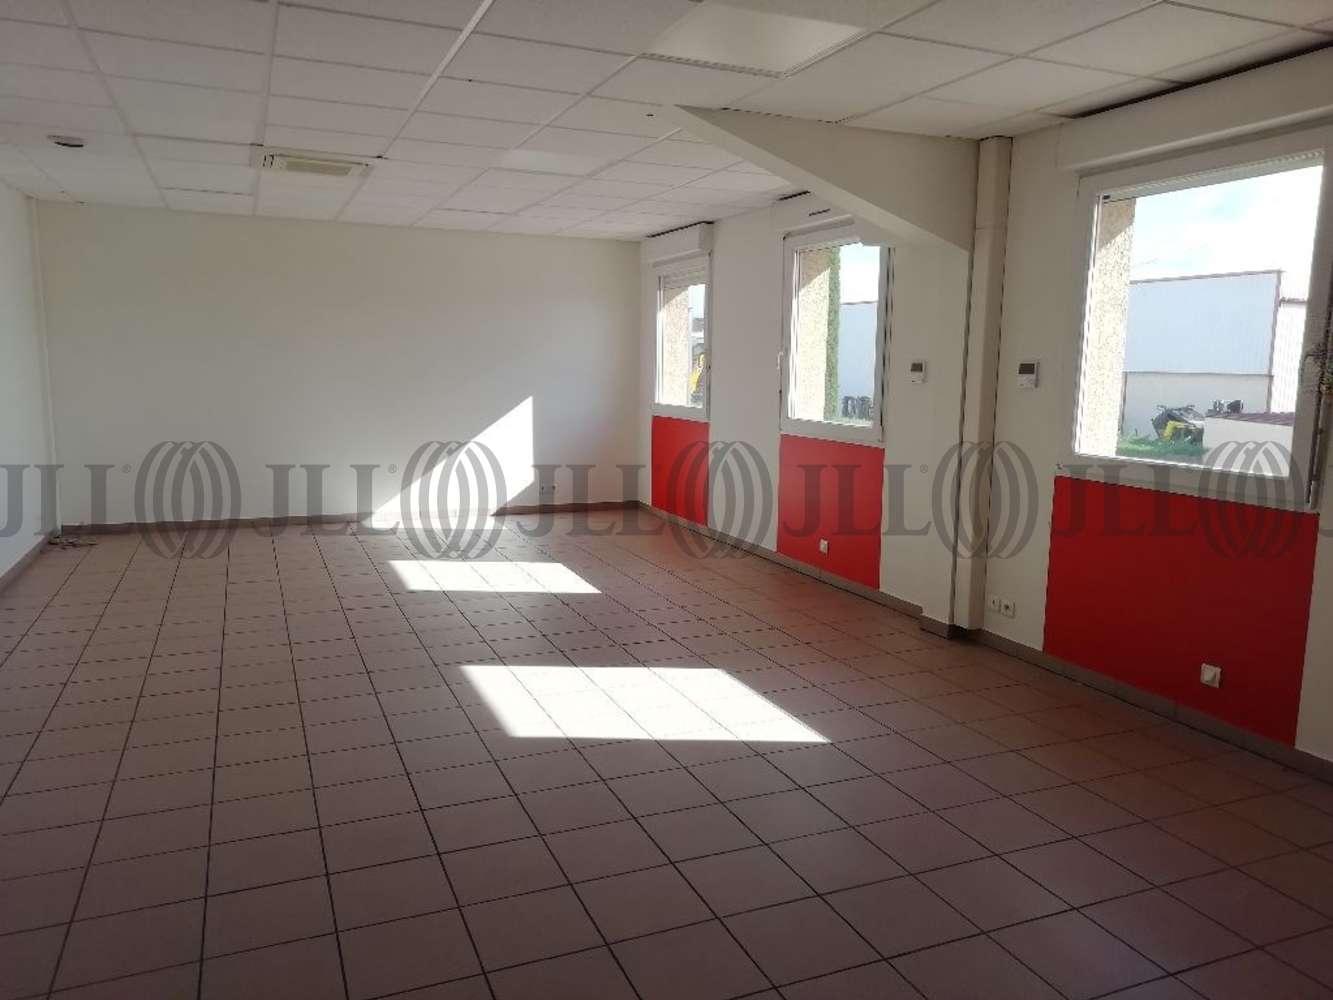 Activités/entrepôt St pierre de chandieu, 69780 - Location locaux d'activité - Rhône (69) - 10855159